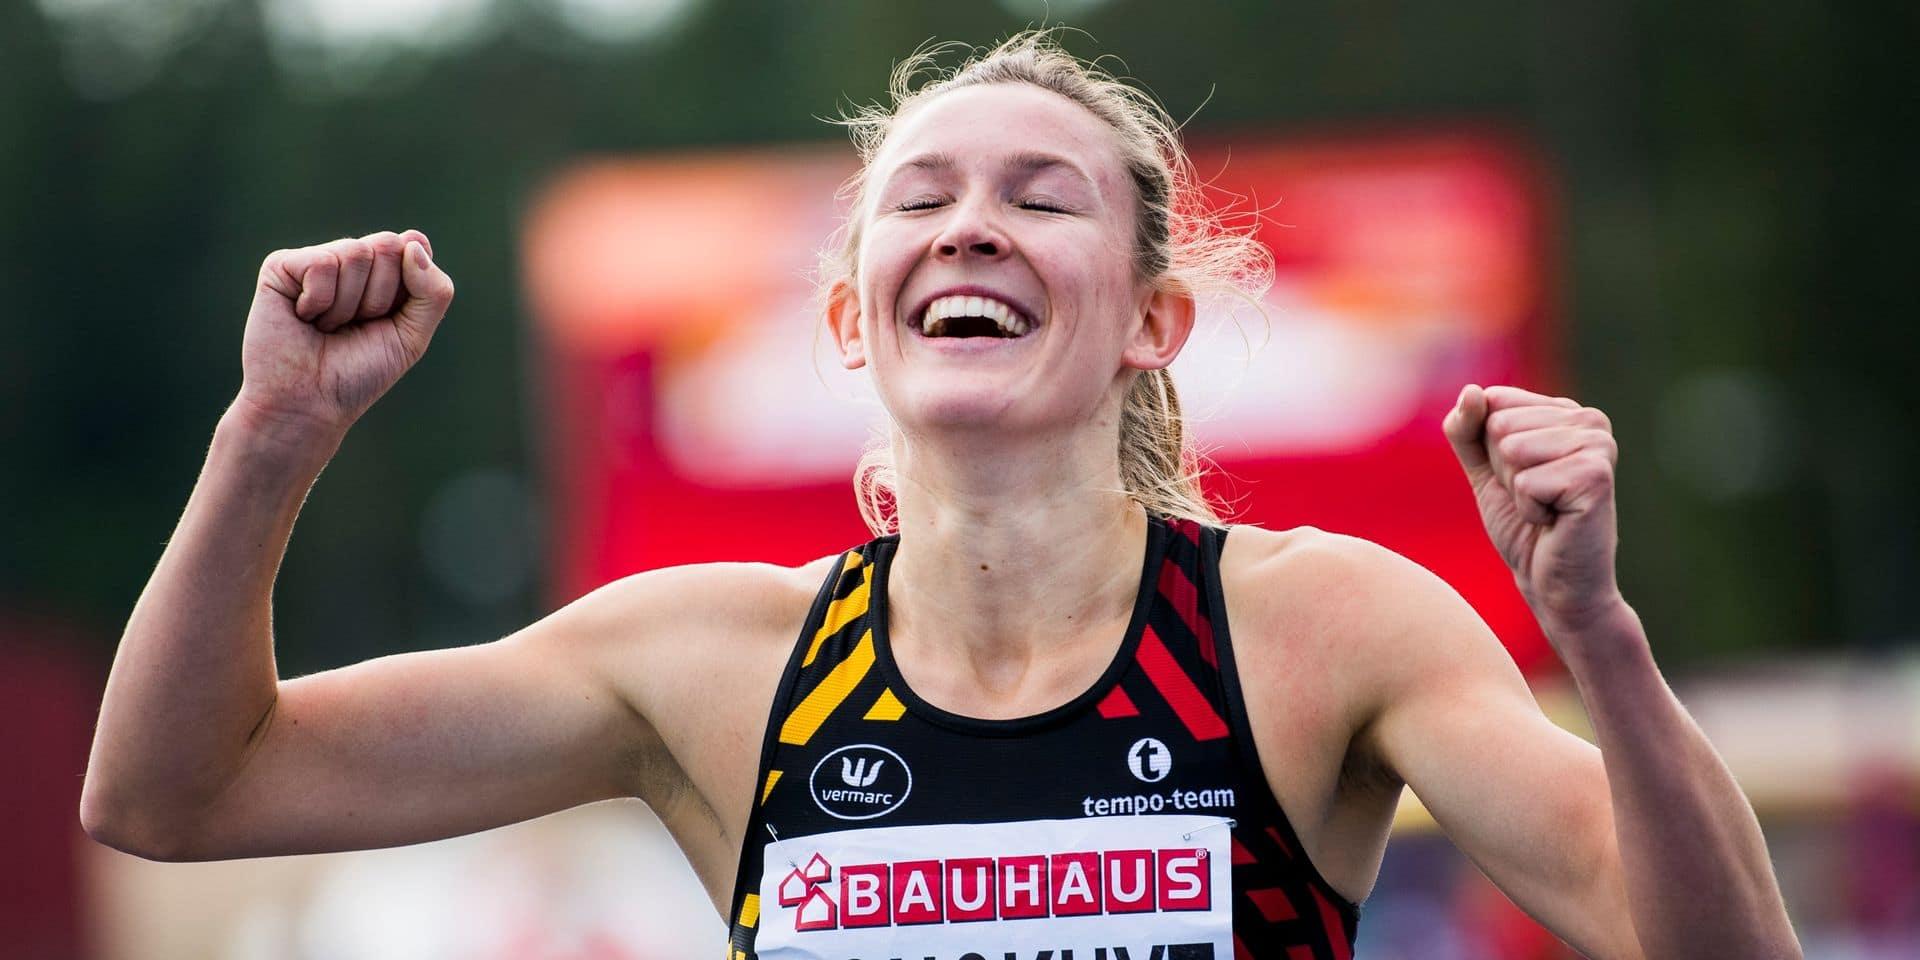 Euro espoirs : médaille d'or et record personnel pour Paulien Couckuyt sur 400 m haies